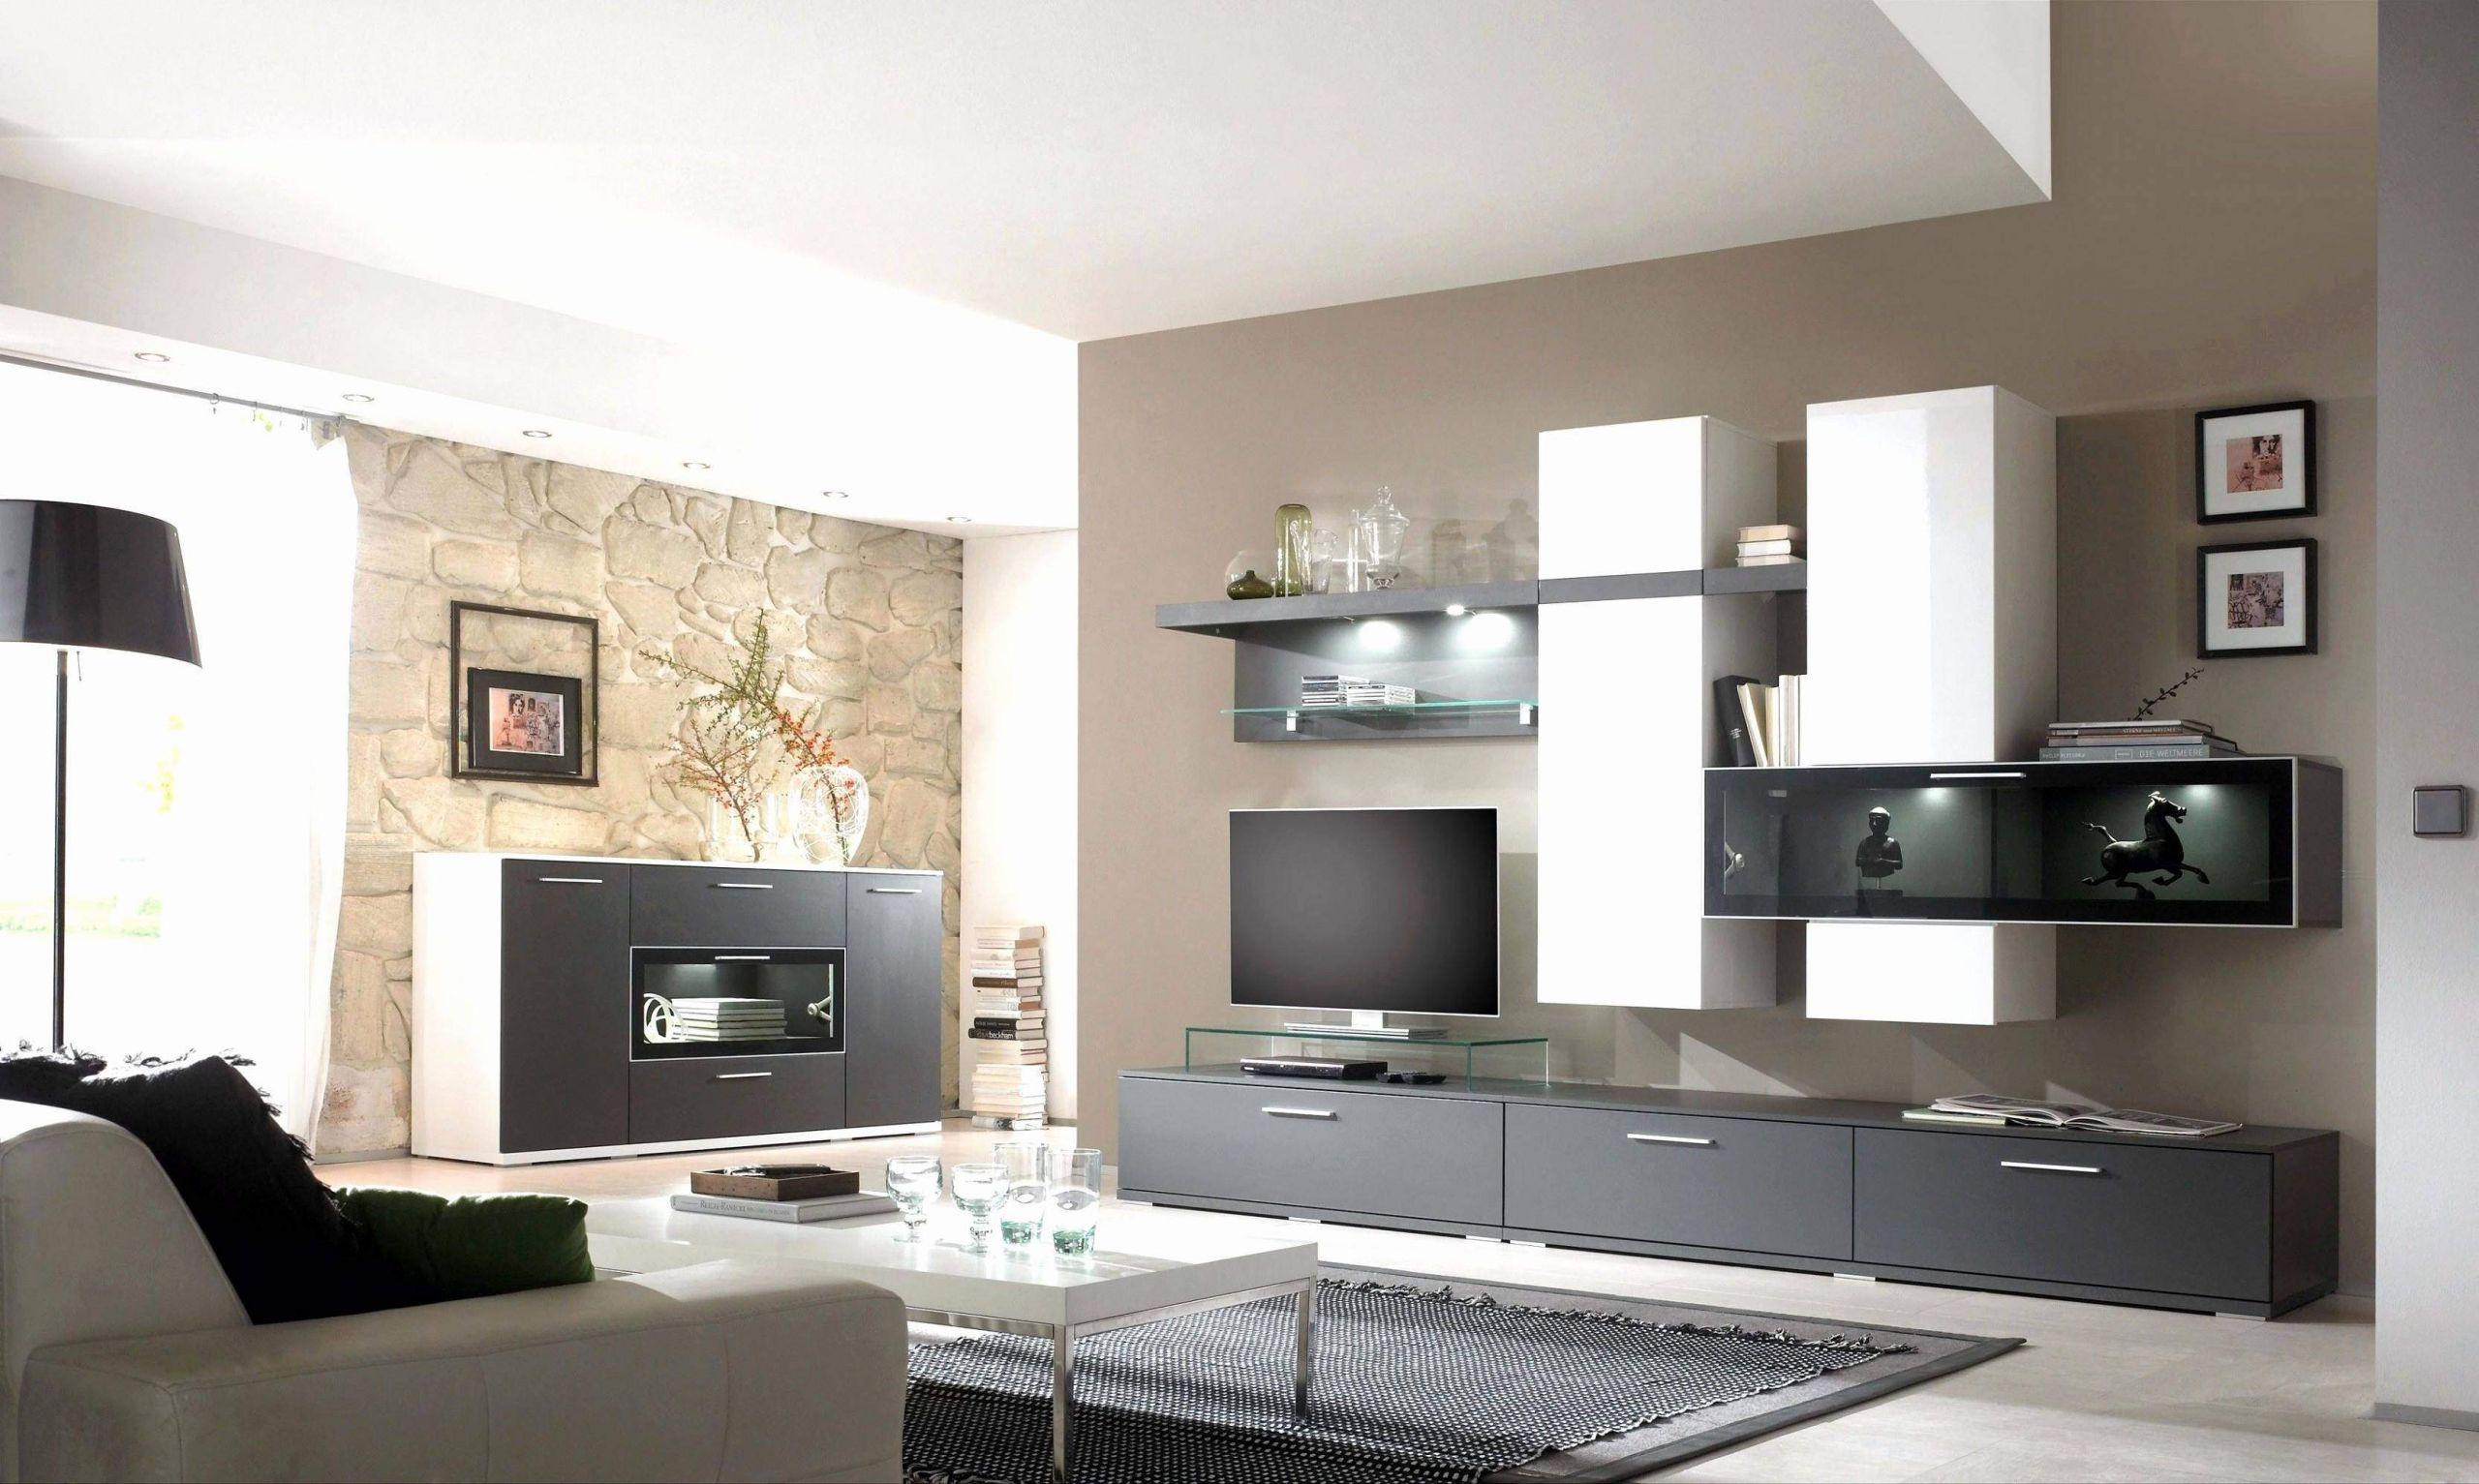 wandfarbe fur wohnzimmer inspirierend das beste von wandfarbe wohnzimmer of wandfarbe fur wohnzimmer scaled